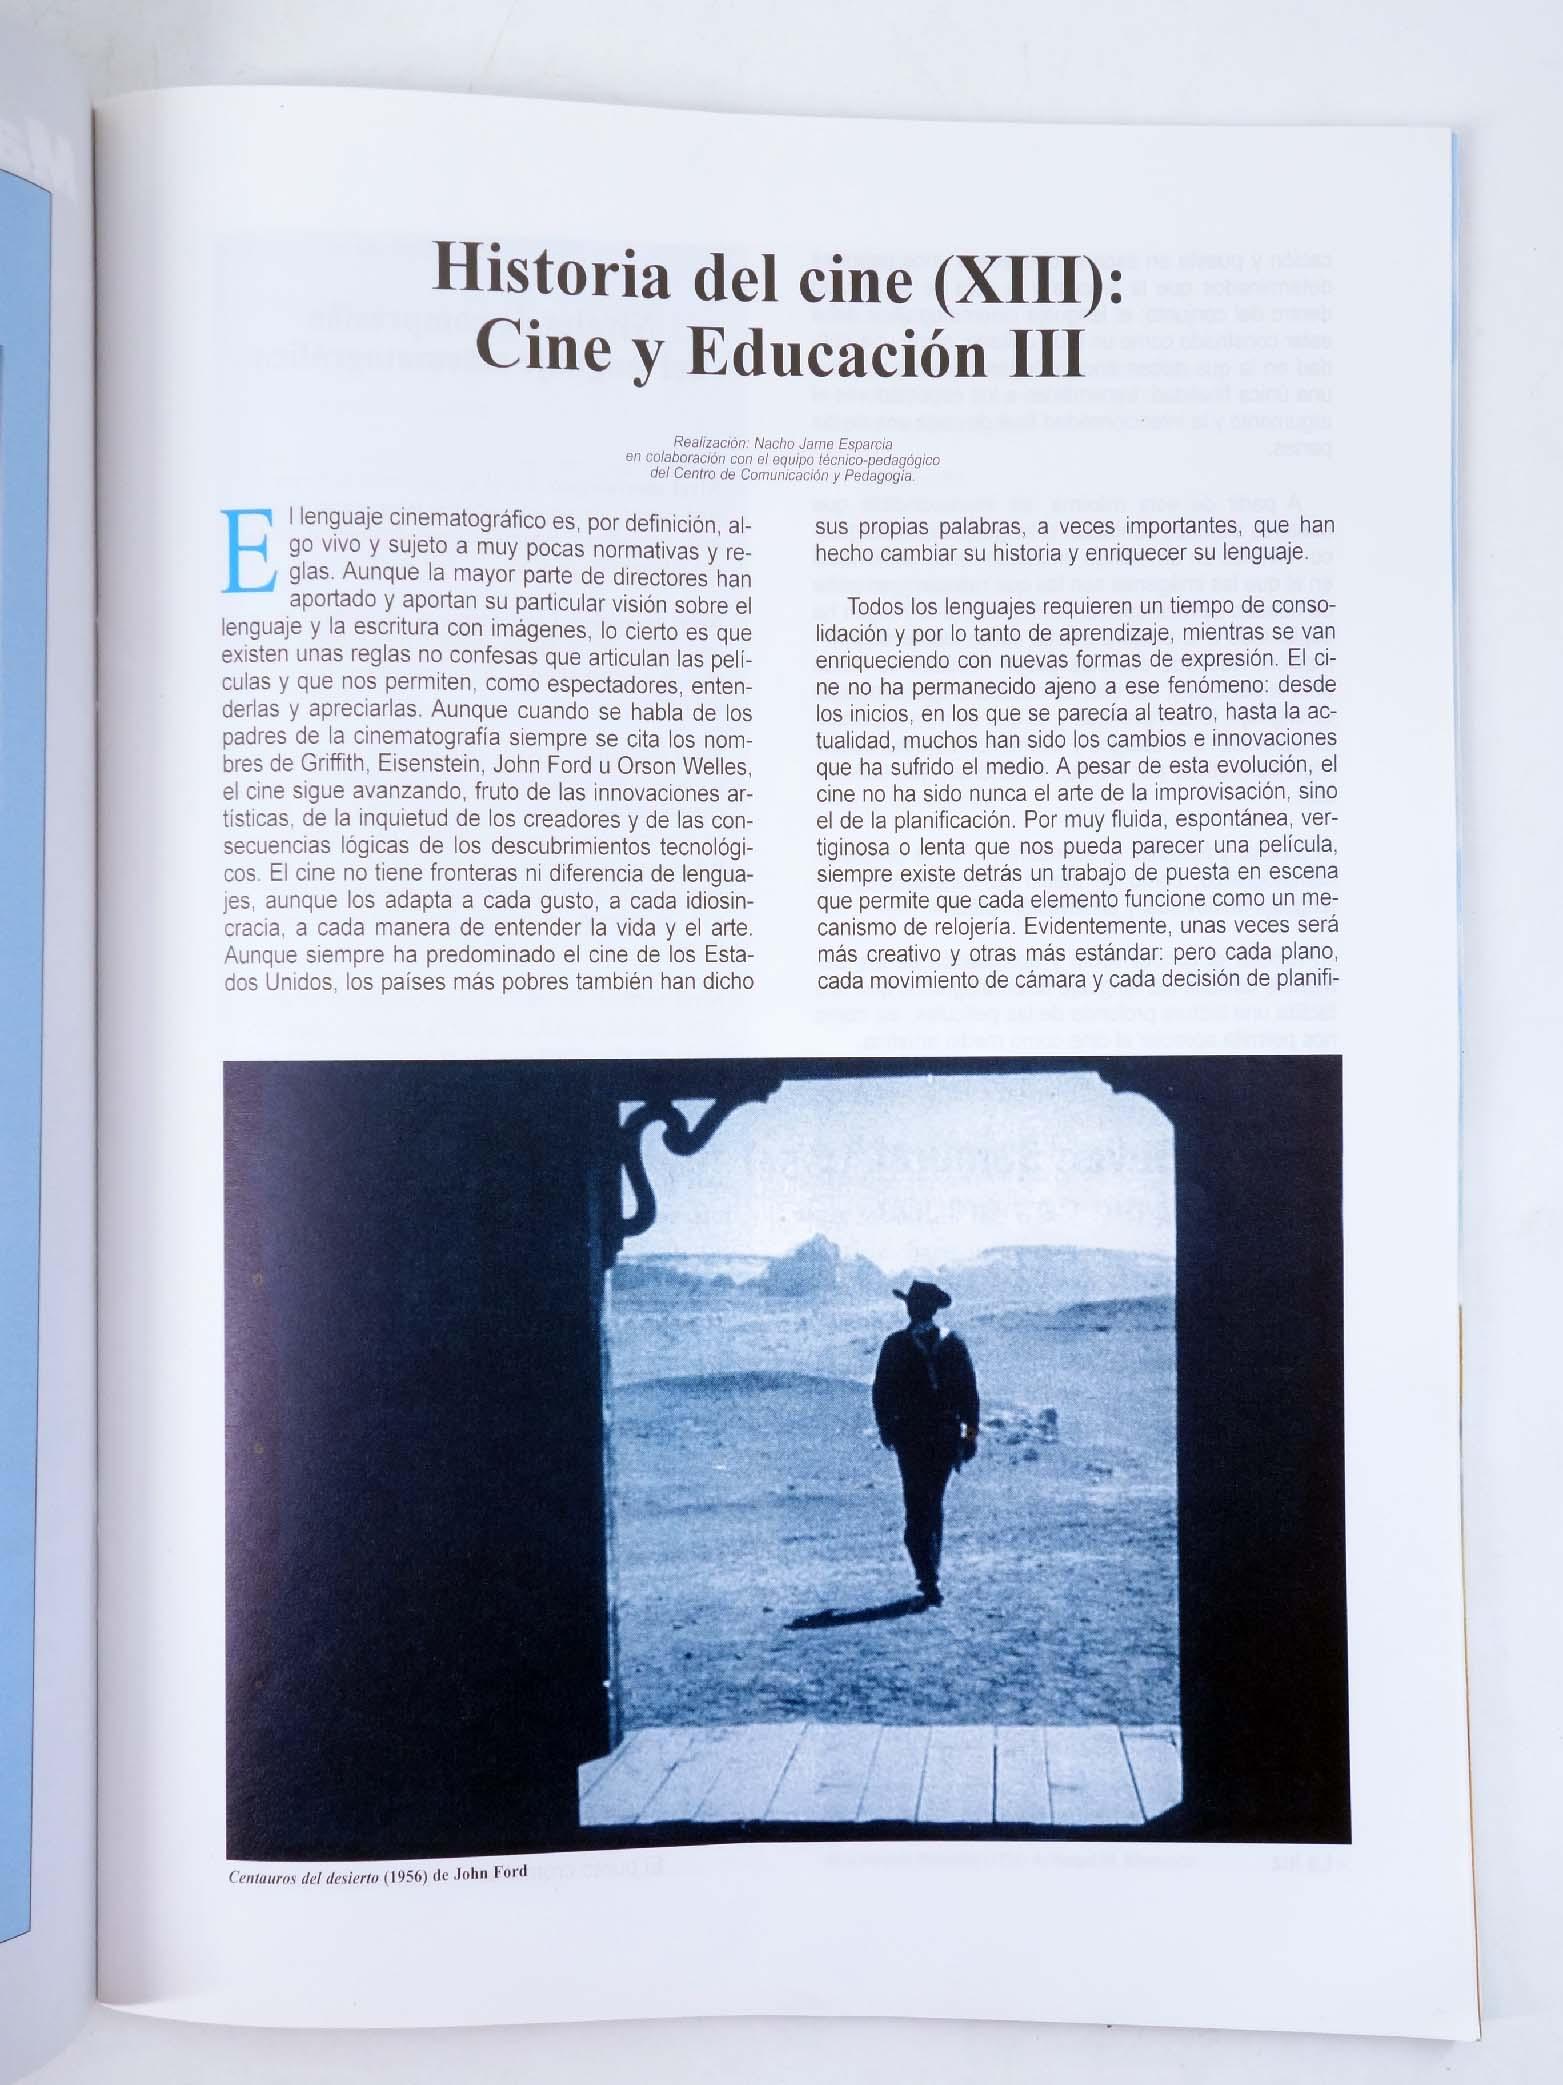 REVISTA MAKING OF, CUADERNOS DE CINE Y EDUCACIÓN 39